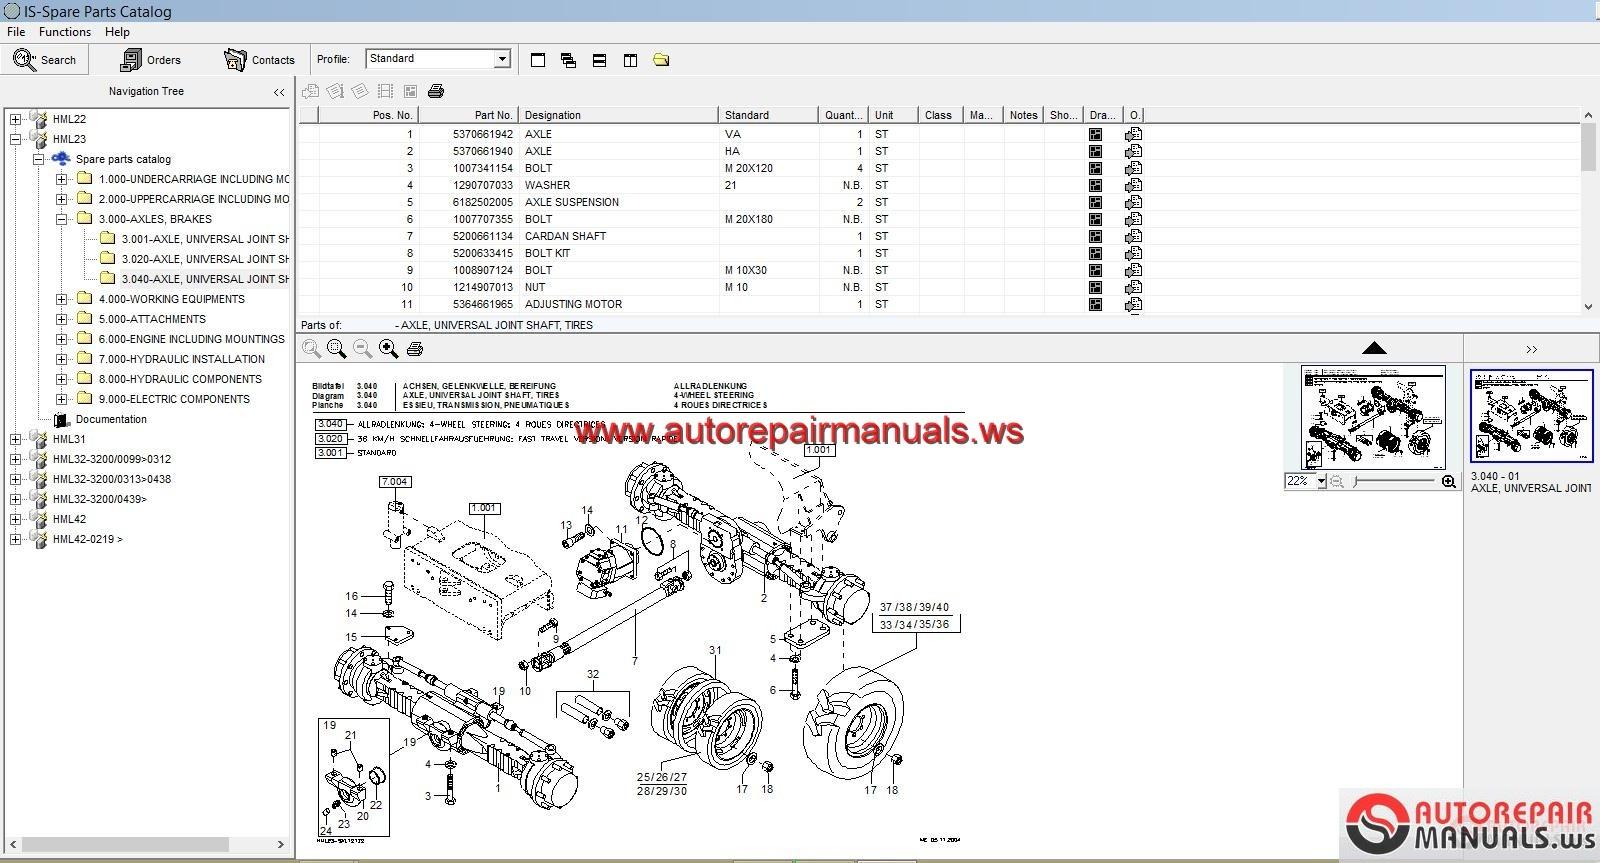 Free 6d16t engine repair manual